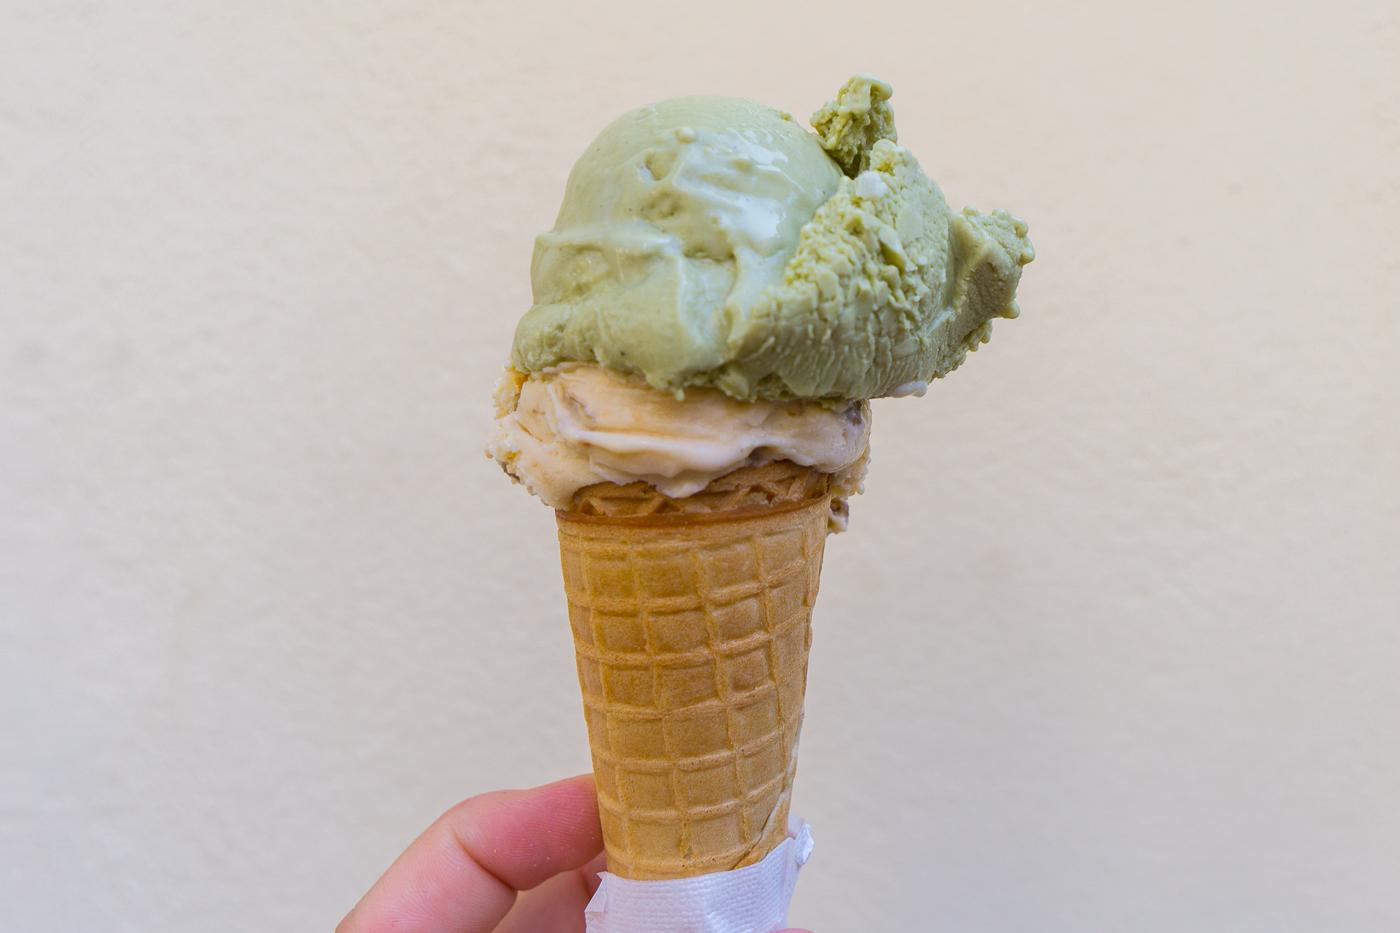 Cornet de gelato en Italie